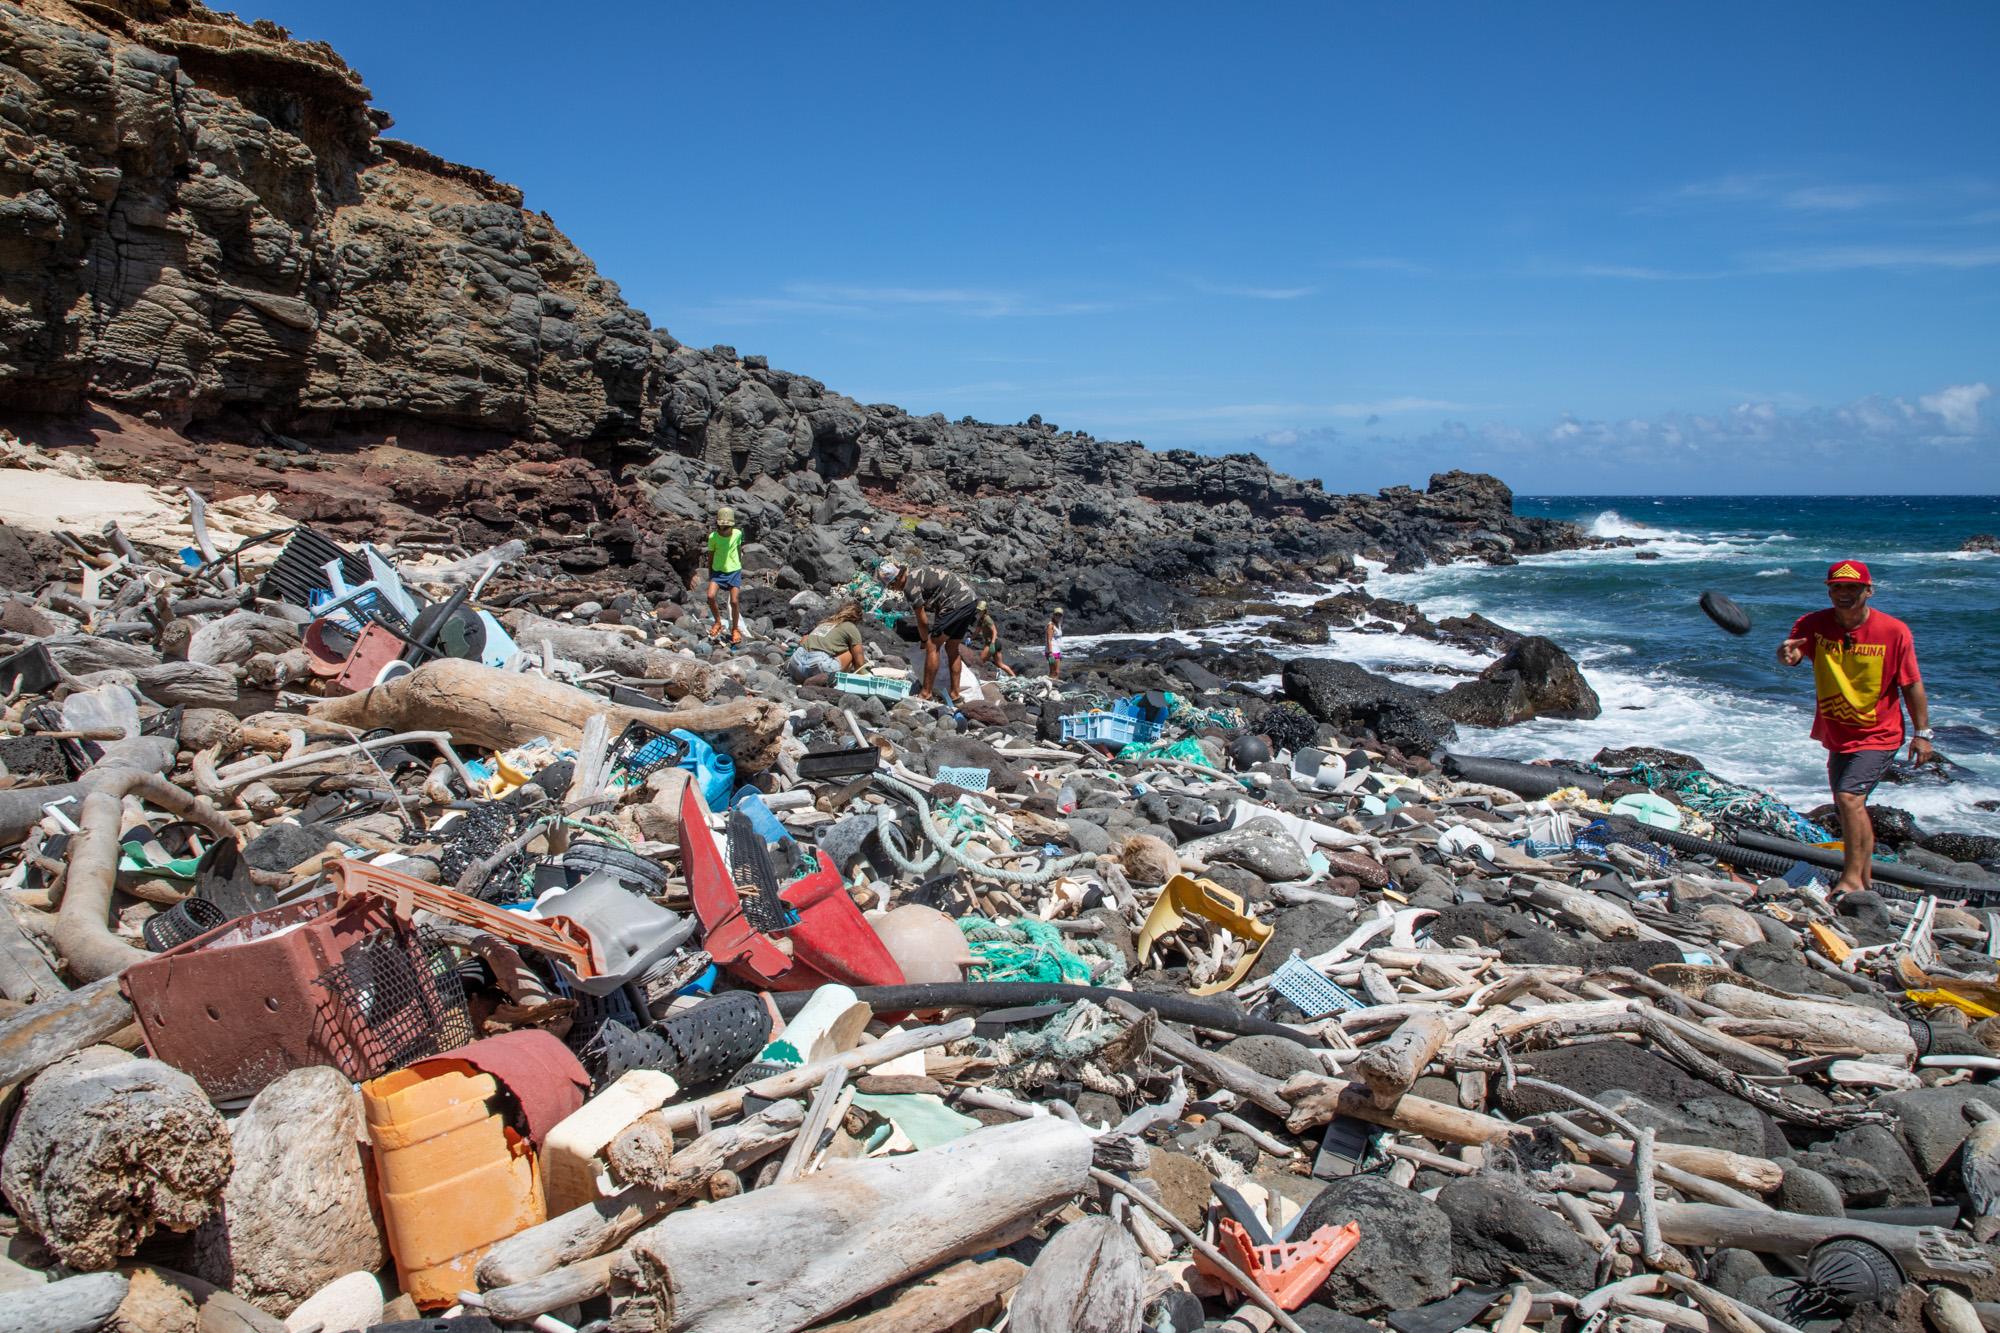 Cleanups, Marine Debris, & Plastics